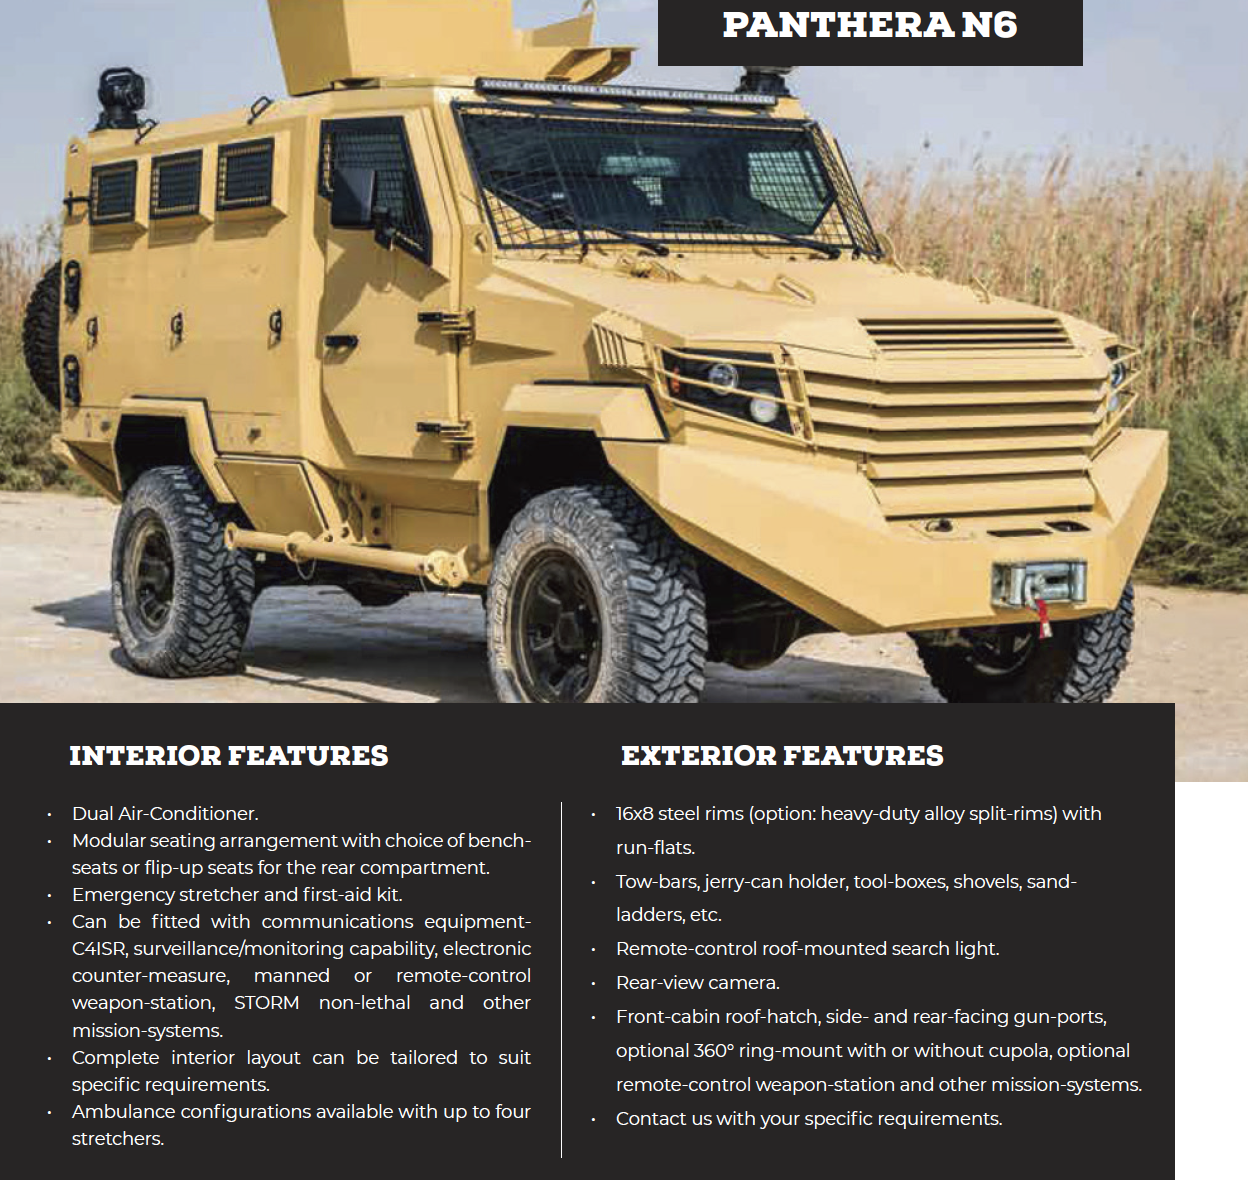 Panthera N6